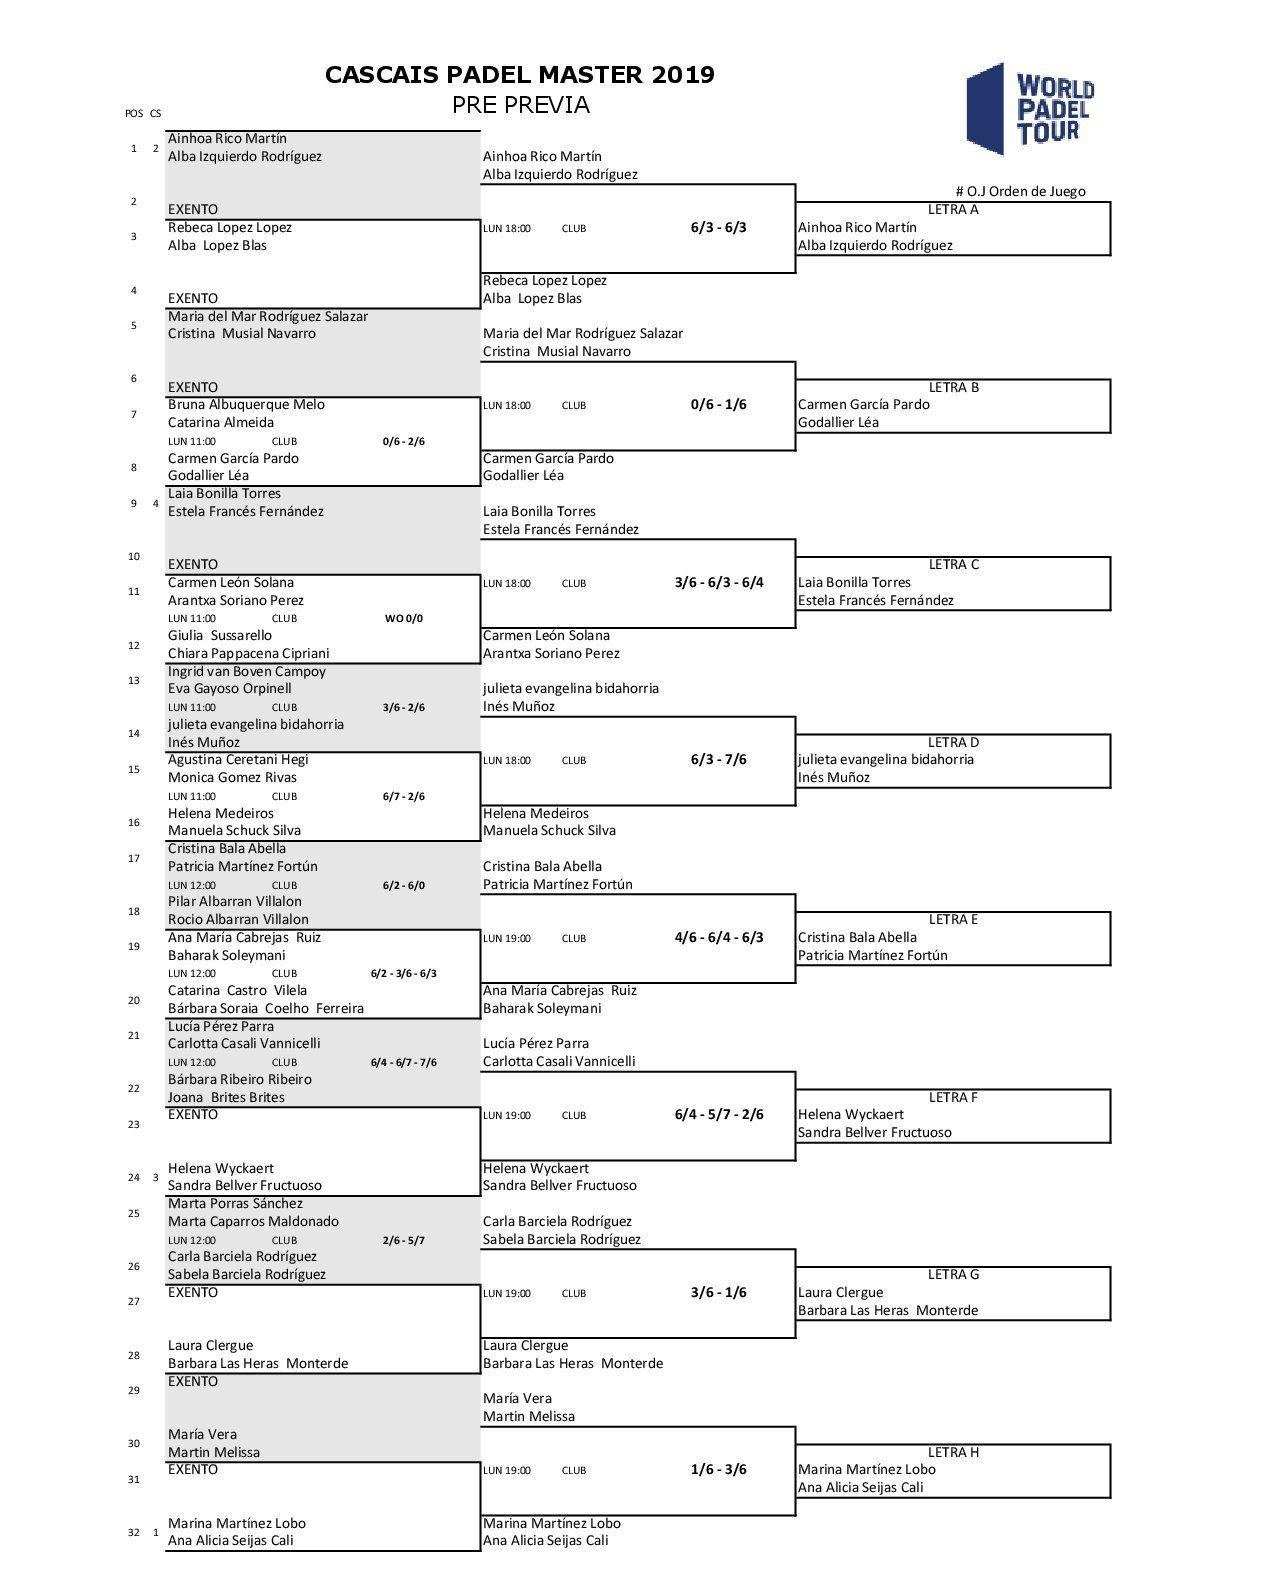 Cuadro de pre-previa de la categoría femenina del Cascais Padel Master